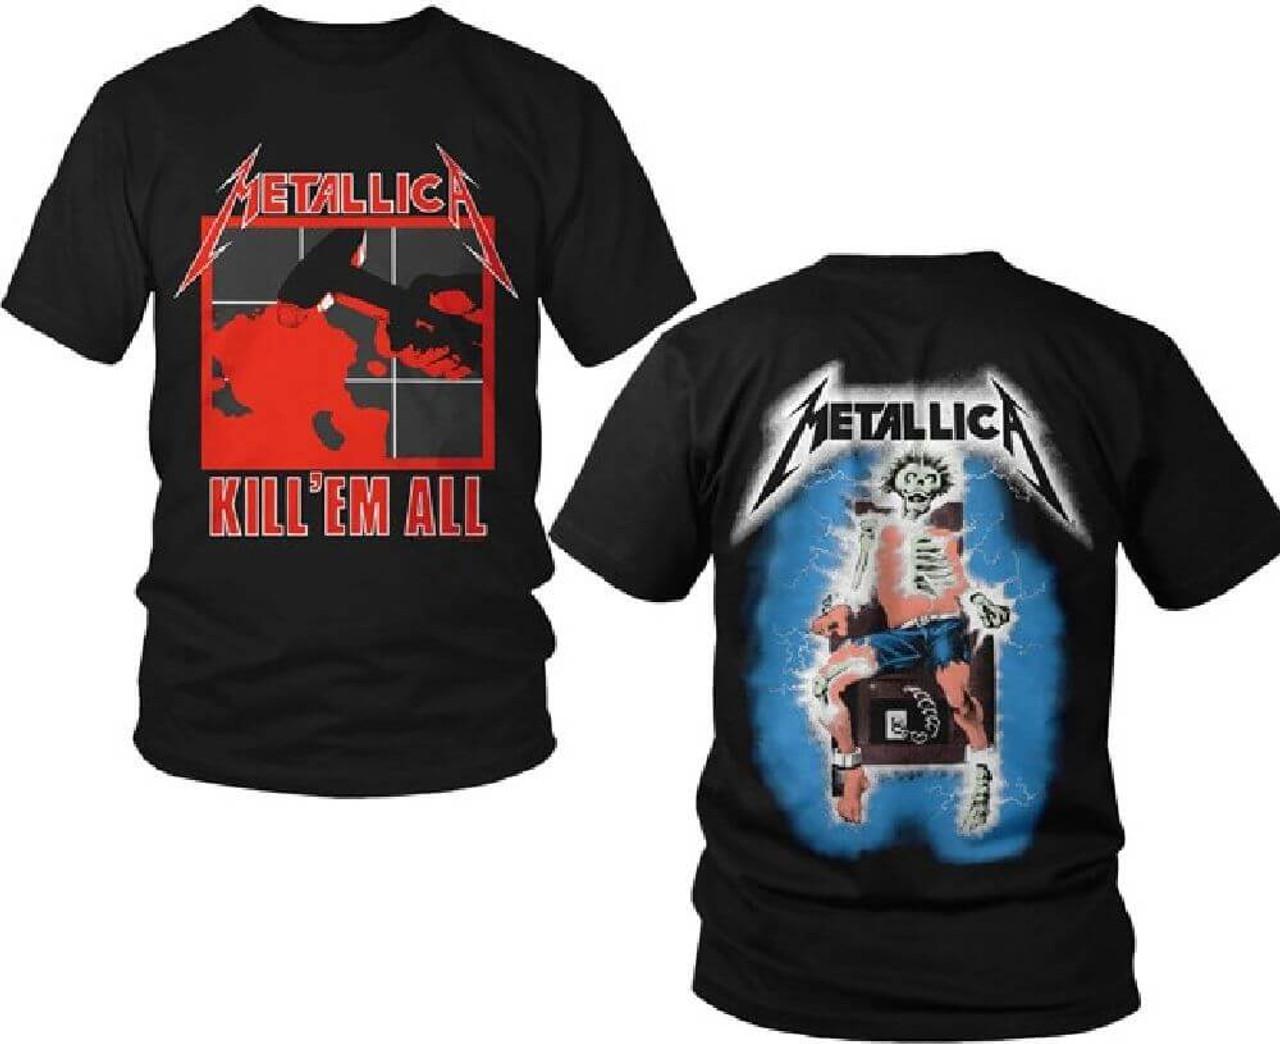 052f3a7717075 Metallica T-shirt - Kill Em All Album Cover Art w Electrocuted Skeleton  Logo